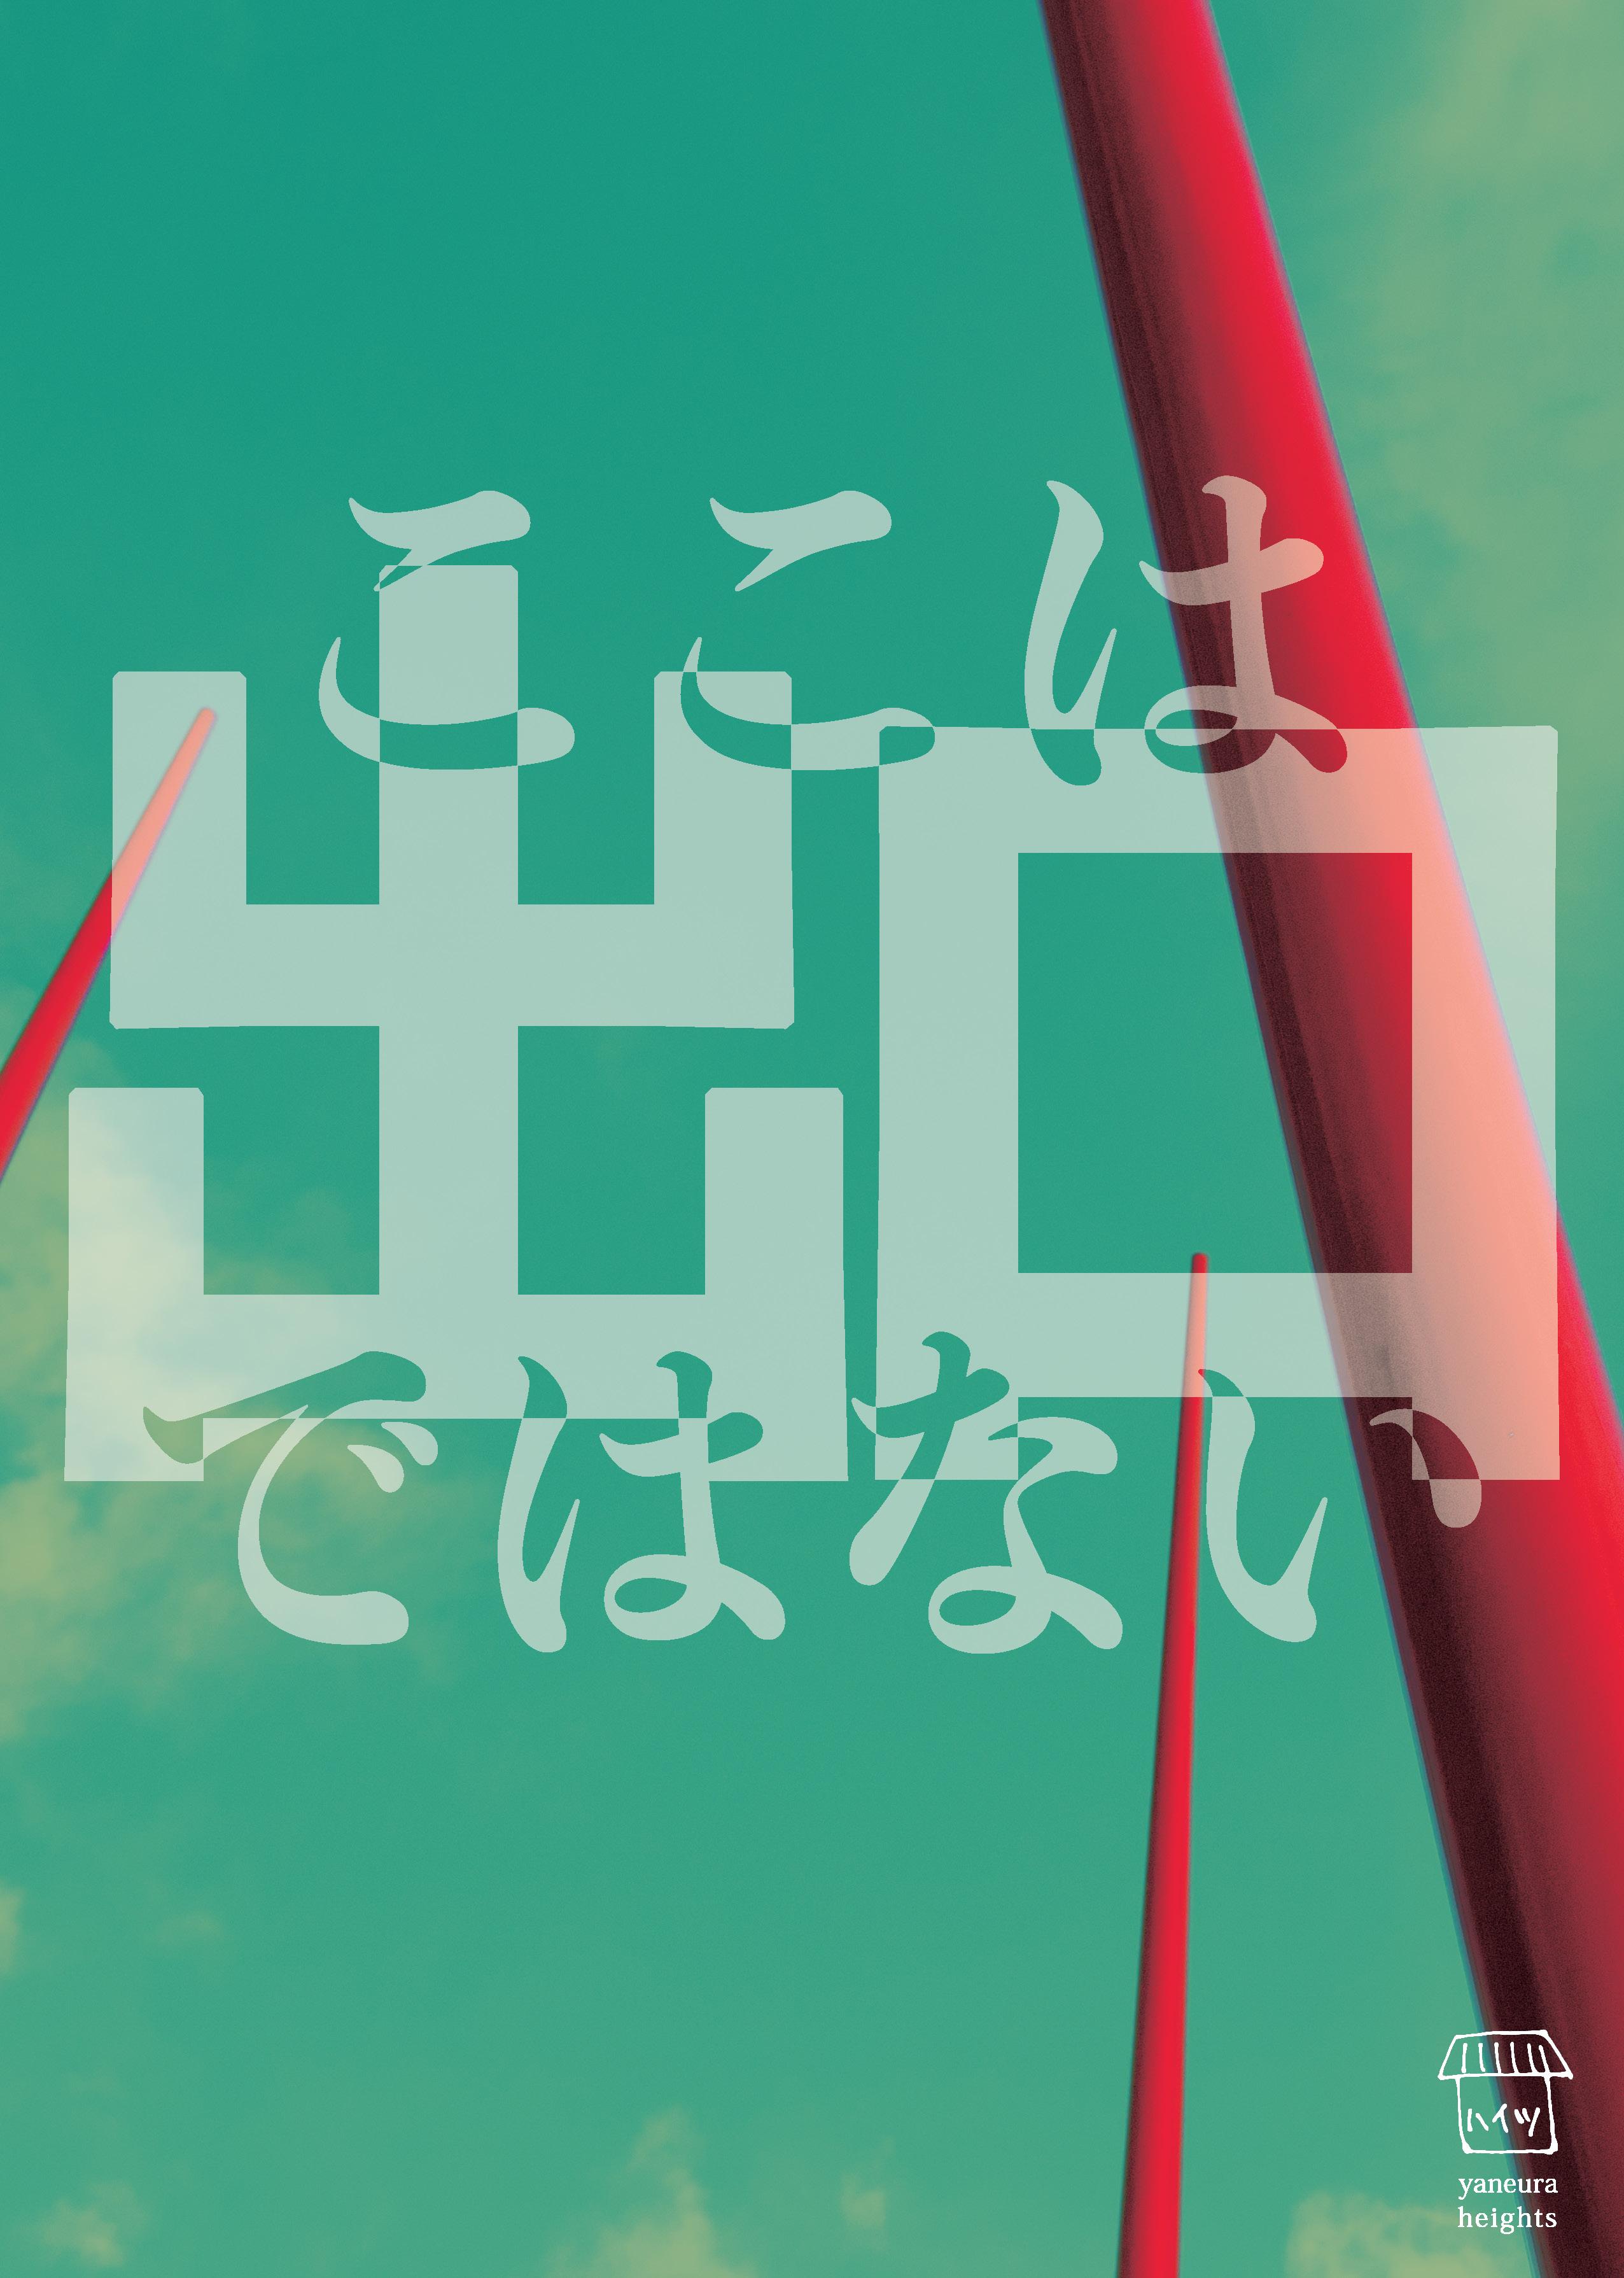 屋根裏ハイツ5F 『ここは出口ではない』横浜公演 12/21